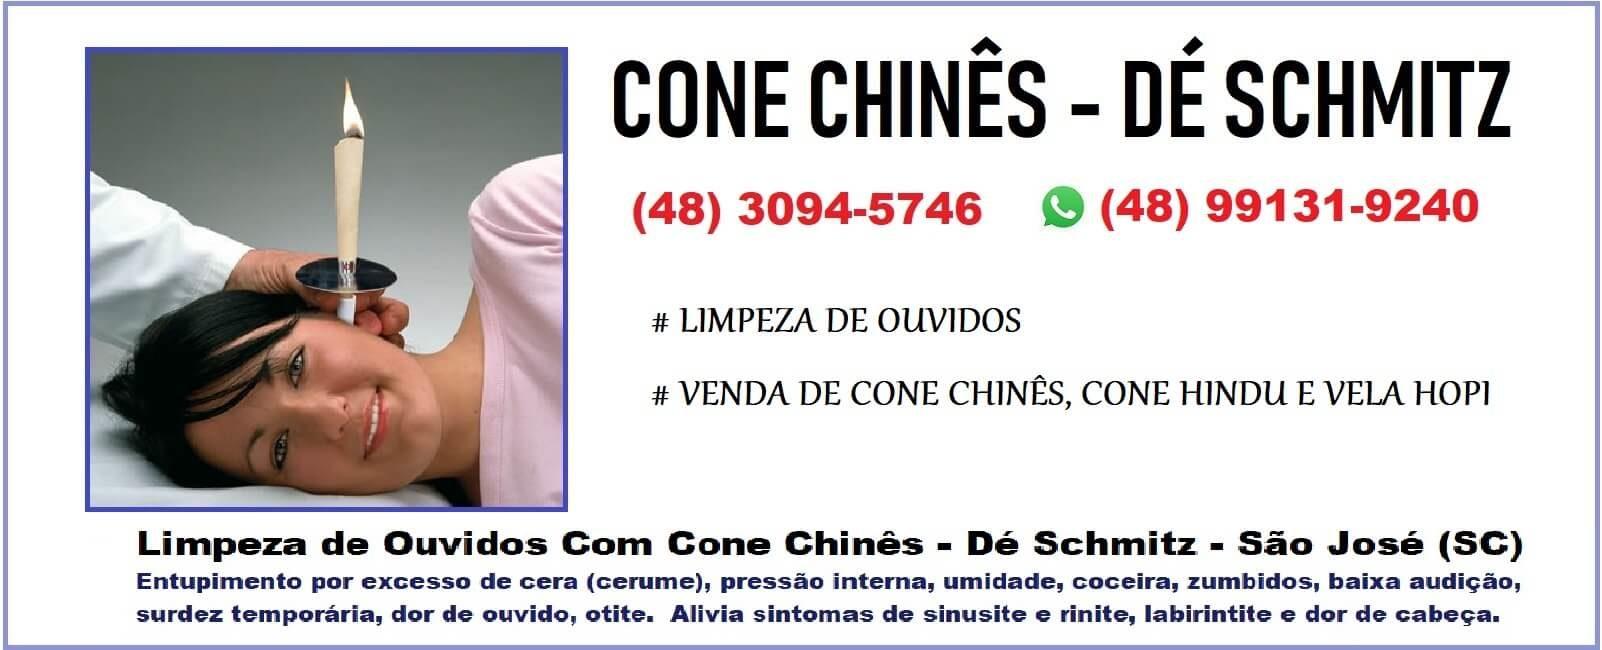 Cone Chinês Dé Schmitz, Limpeza de Ouvidos, Venda de Cone Chinês, Cone Hindu e Vela Hopi, São José SC, Whatsapp (48) 99131-9240.